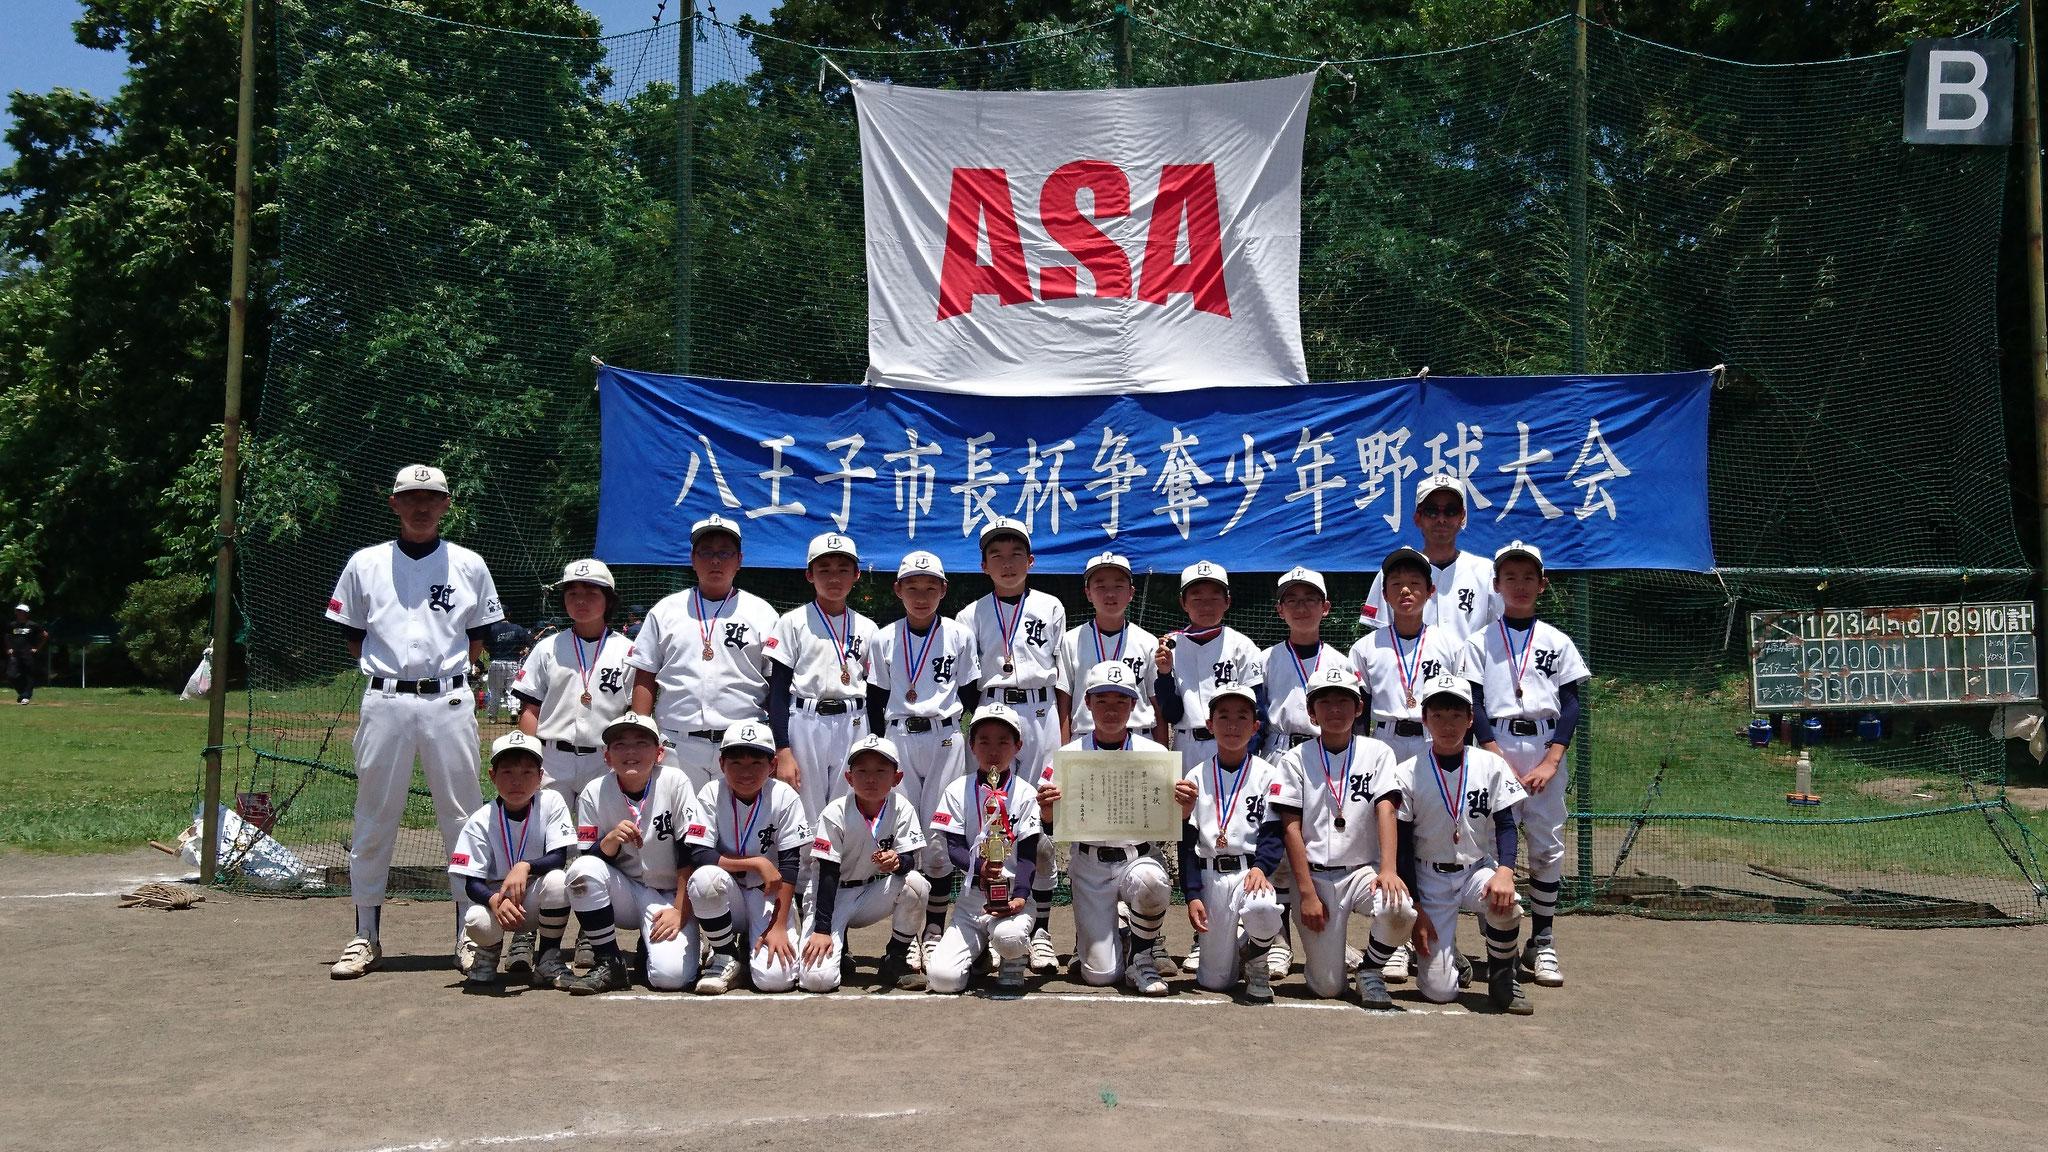 第25回市長杯争奪少年野球大会・第3位  第三地区ライオンズ 平成30年7月1日